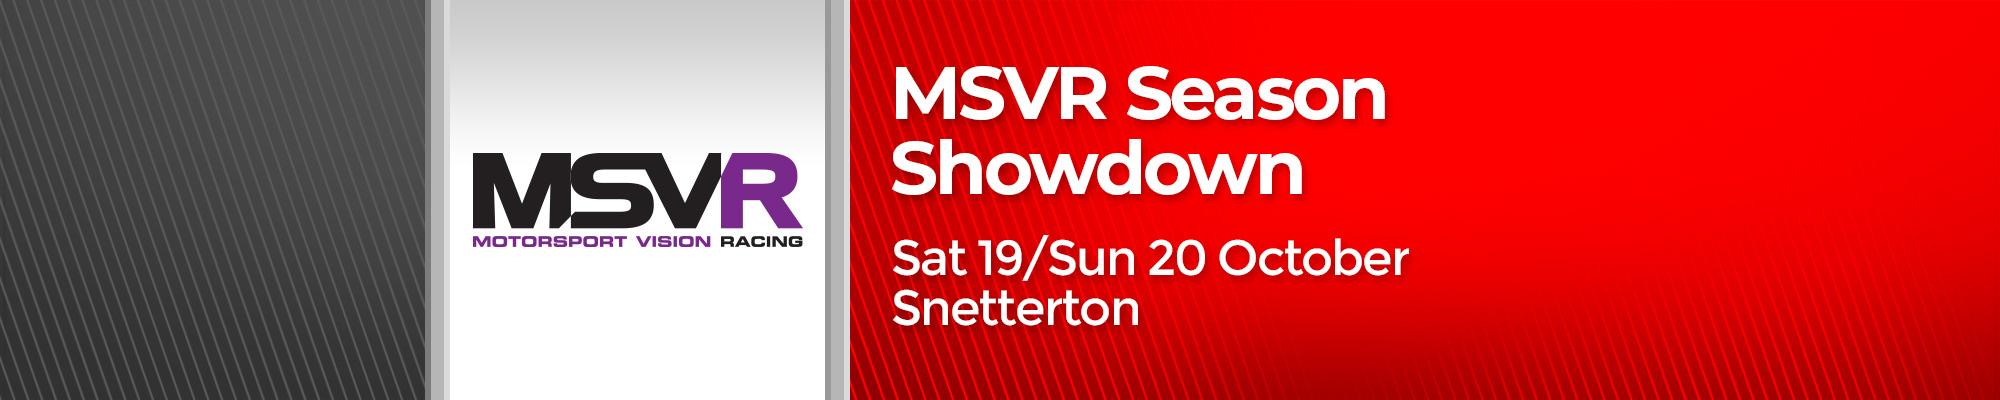 MSVR Season Showdown